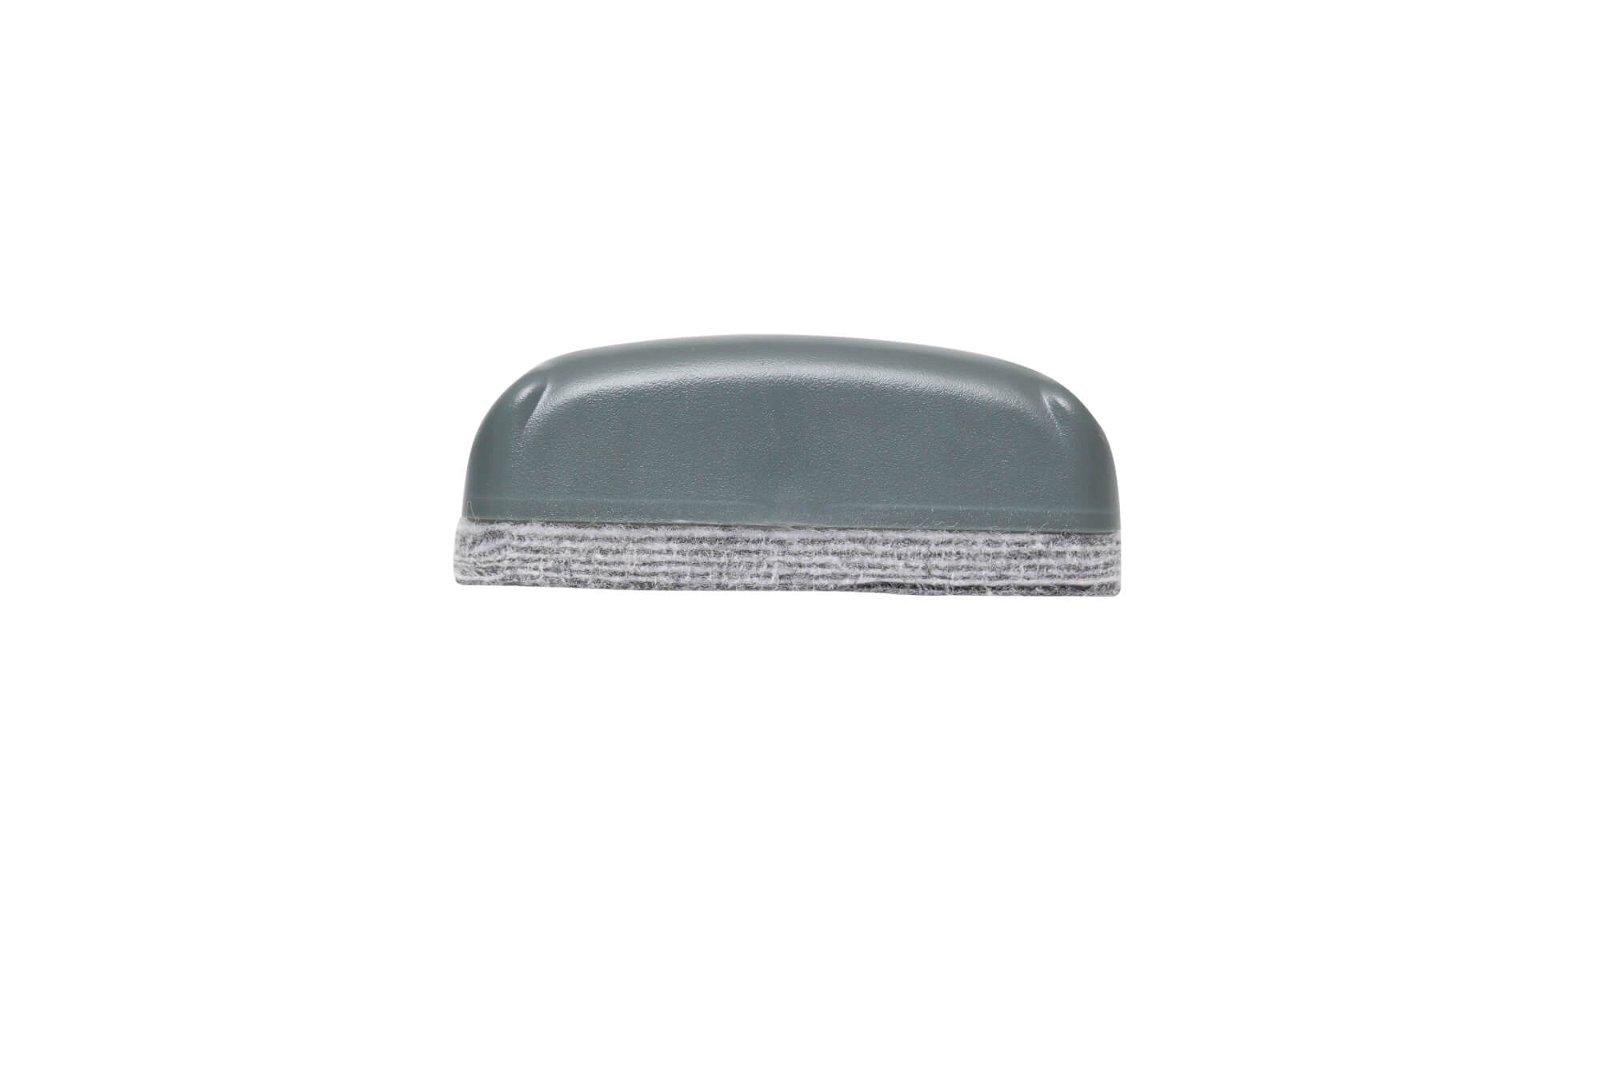 Tafelwischer, 12-lagiges Vlies, 9,4 x 4,9 cm, grau